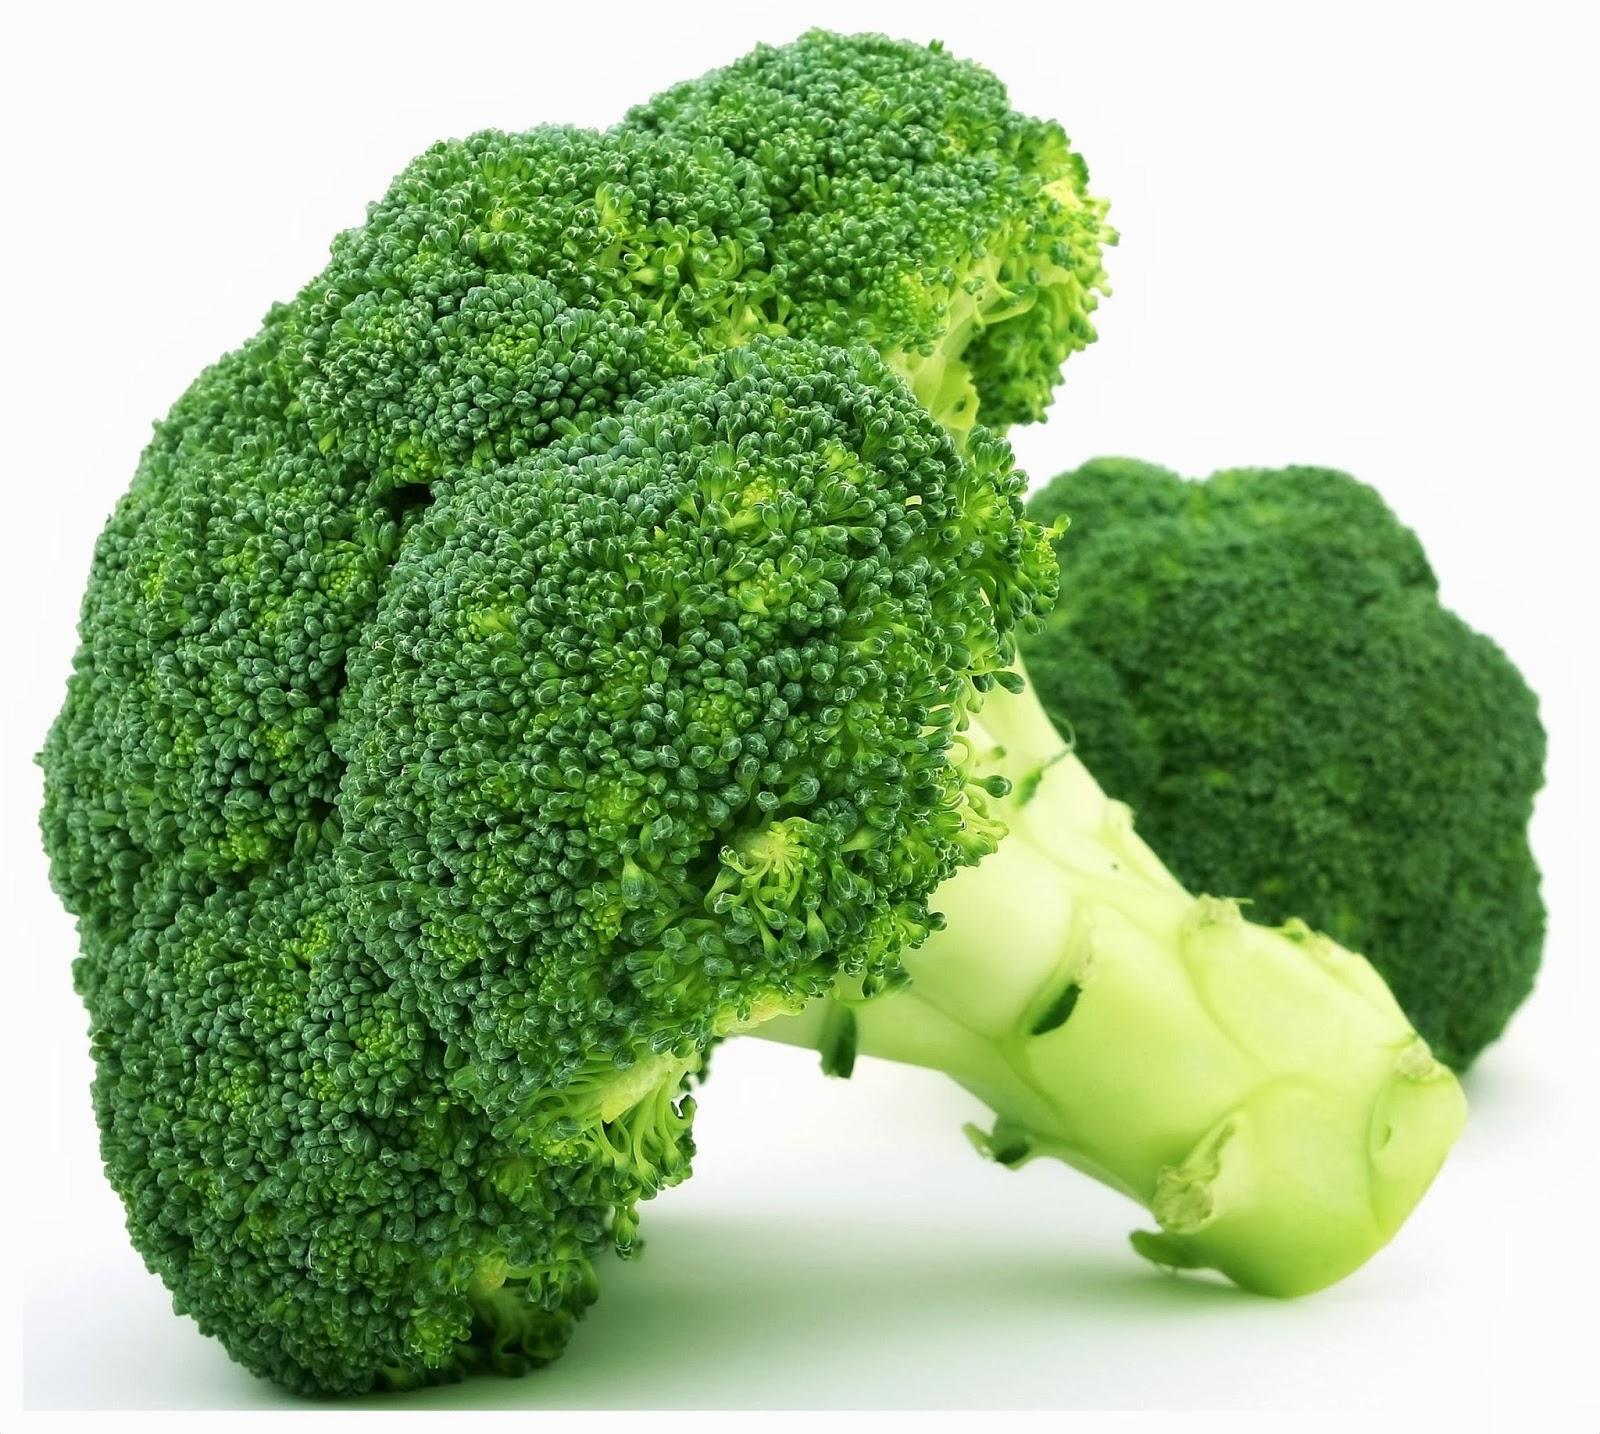 Manfaat Dan Khasiat Brokoli Untuk kesehatan